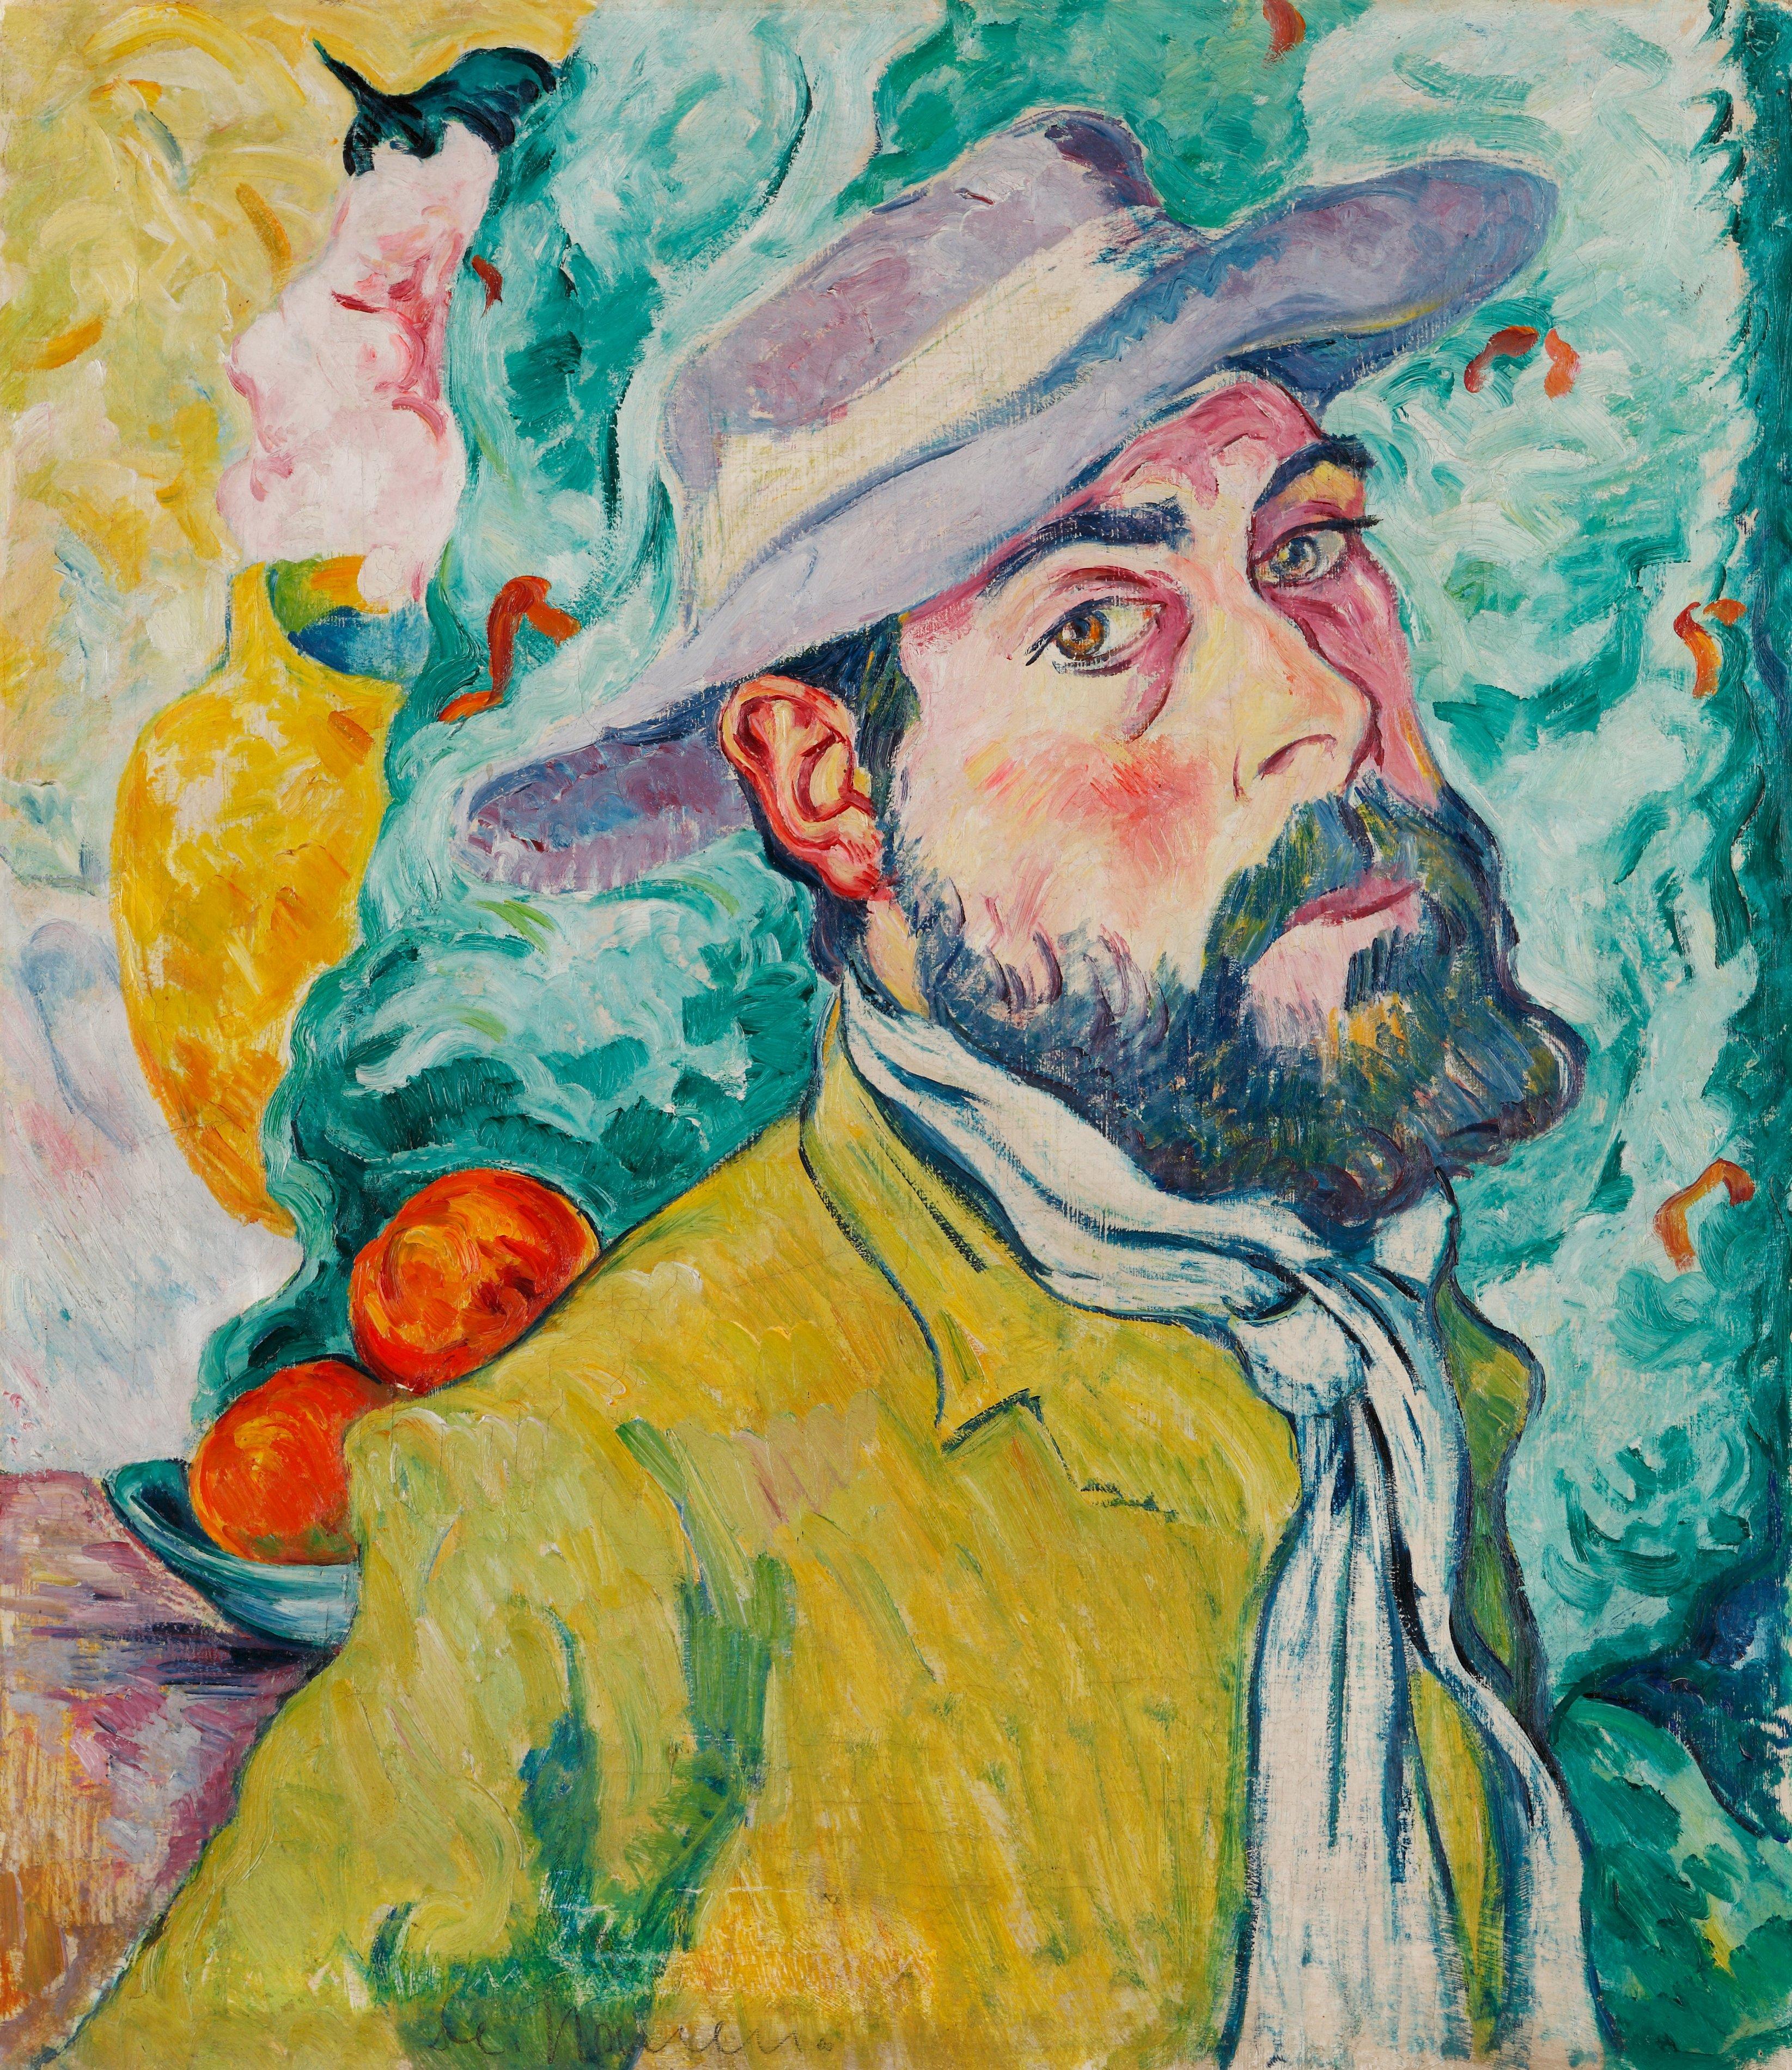 Nauen, Heinrich. Autoportrait avec chapeau. Vers 1909. Peinture. Krefeld, Kunstmuseen.